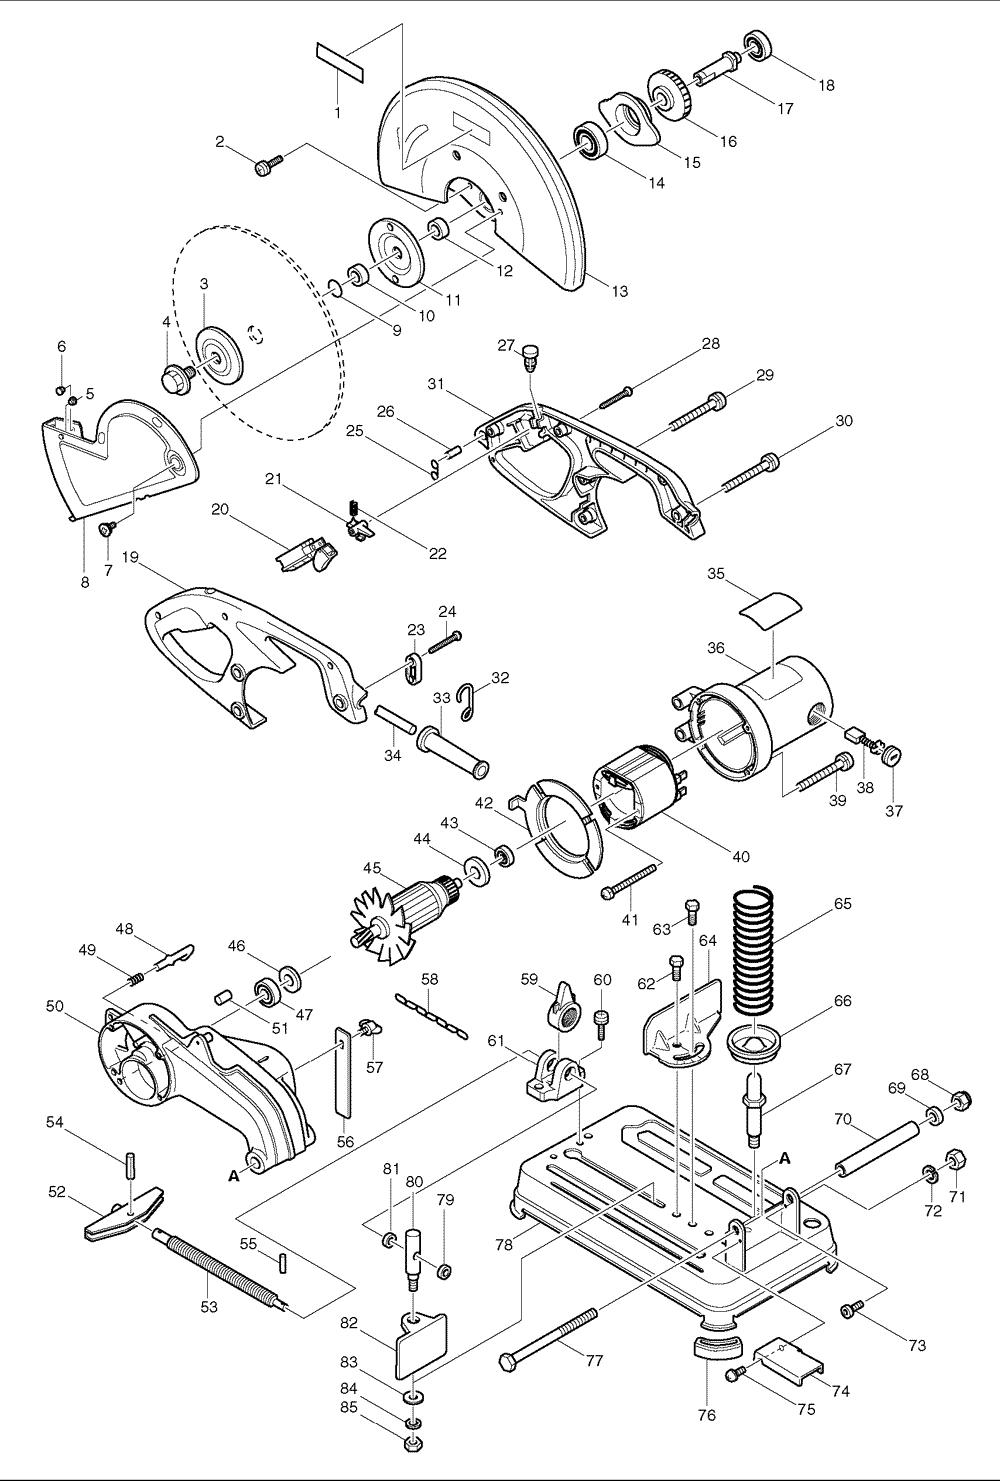 Stunning dewalt miter saw parts diagram contemporary best image